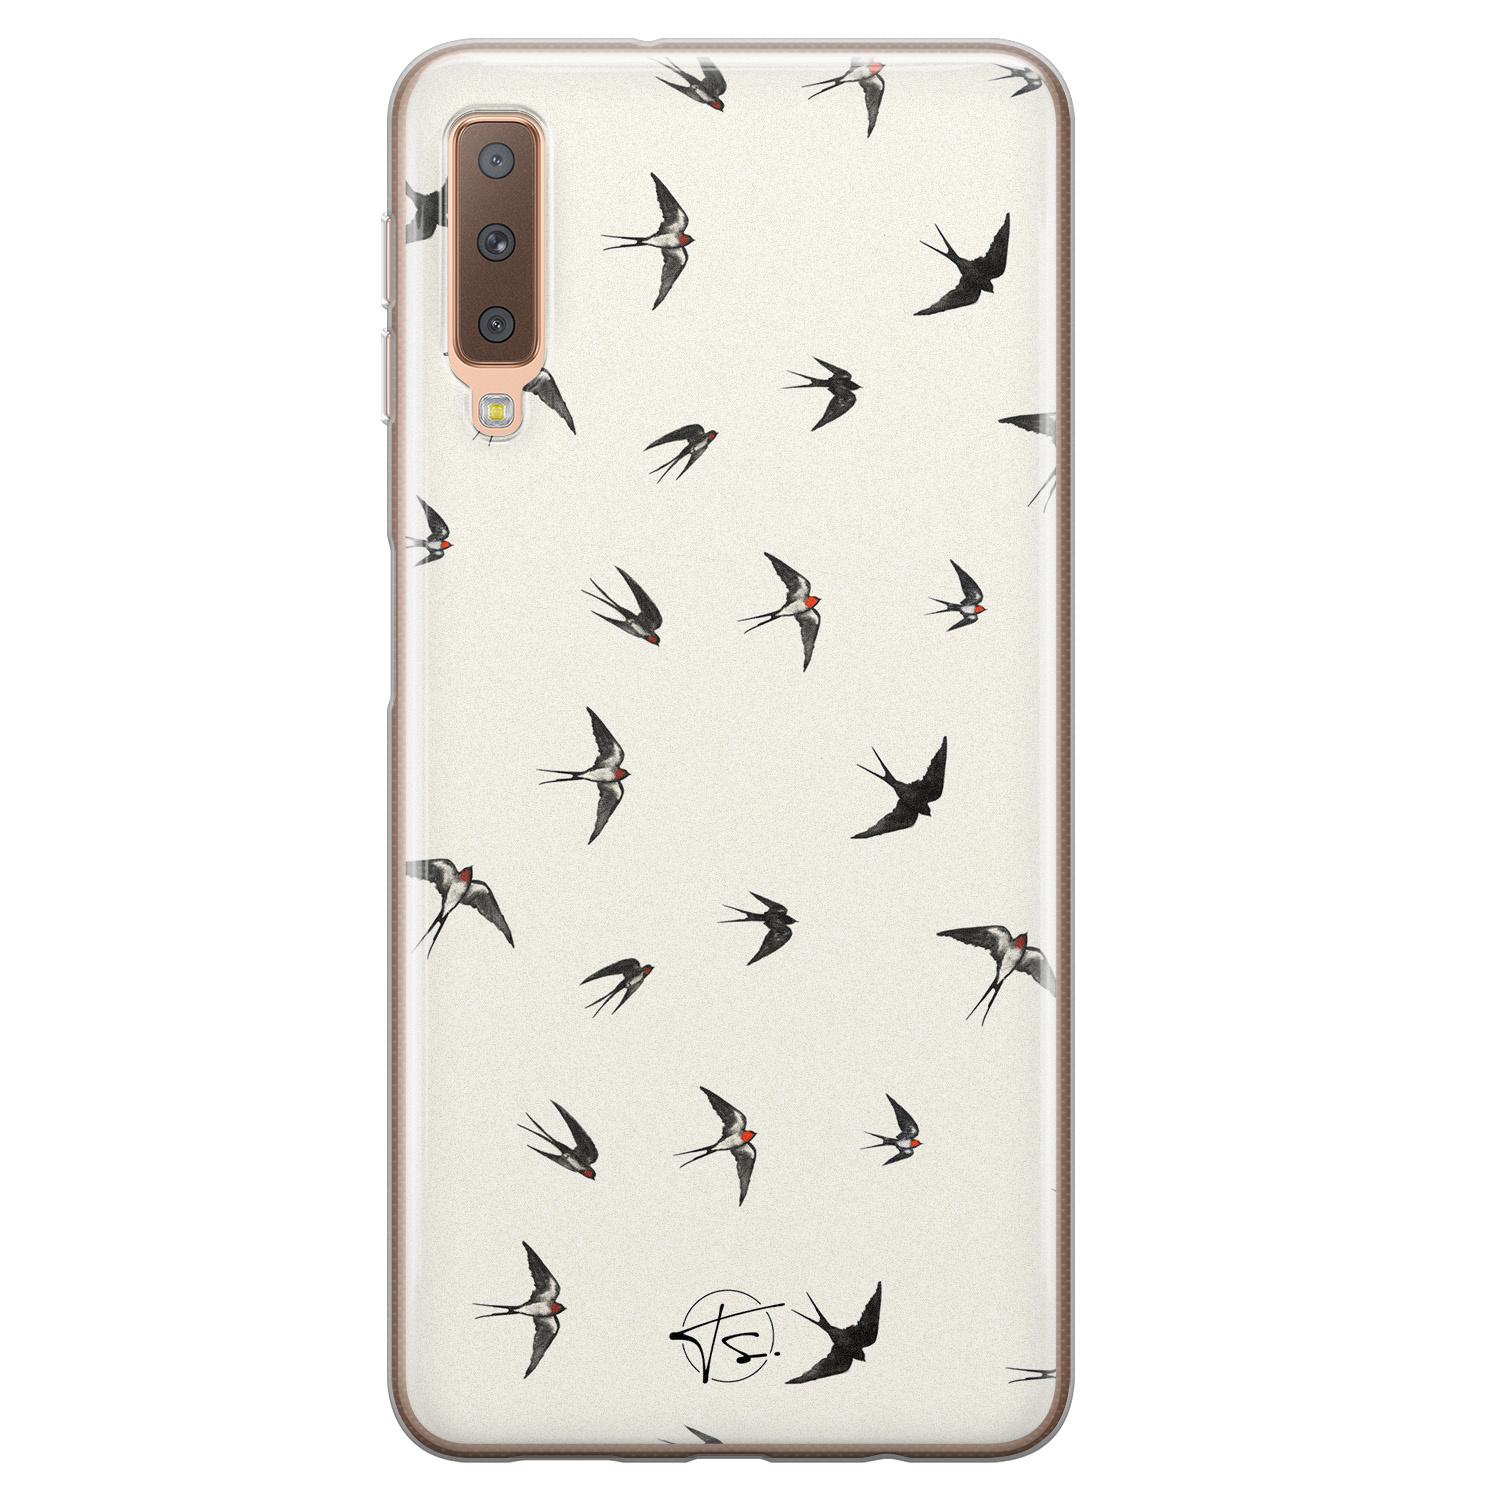 Telefoonhoesje Store Samsung Galaxy A7 2018 siliconen hoesje - Freedom birds